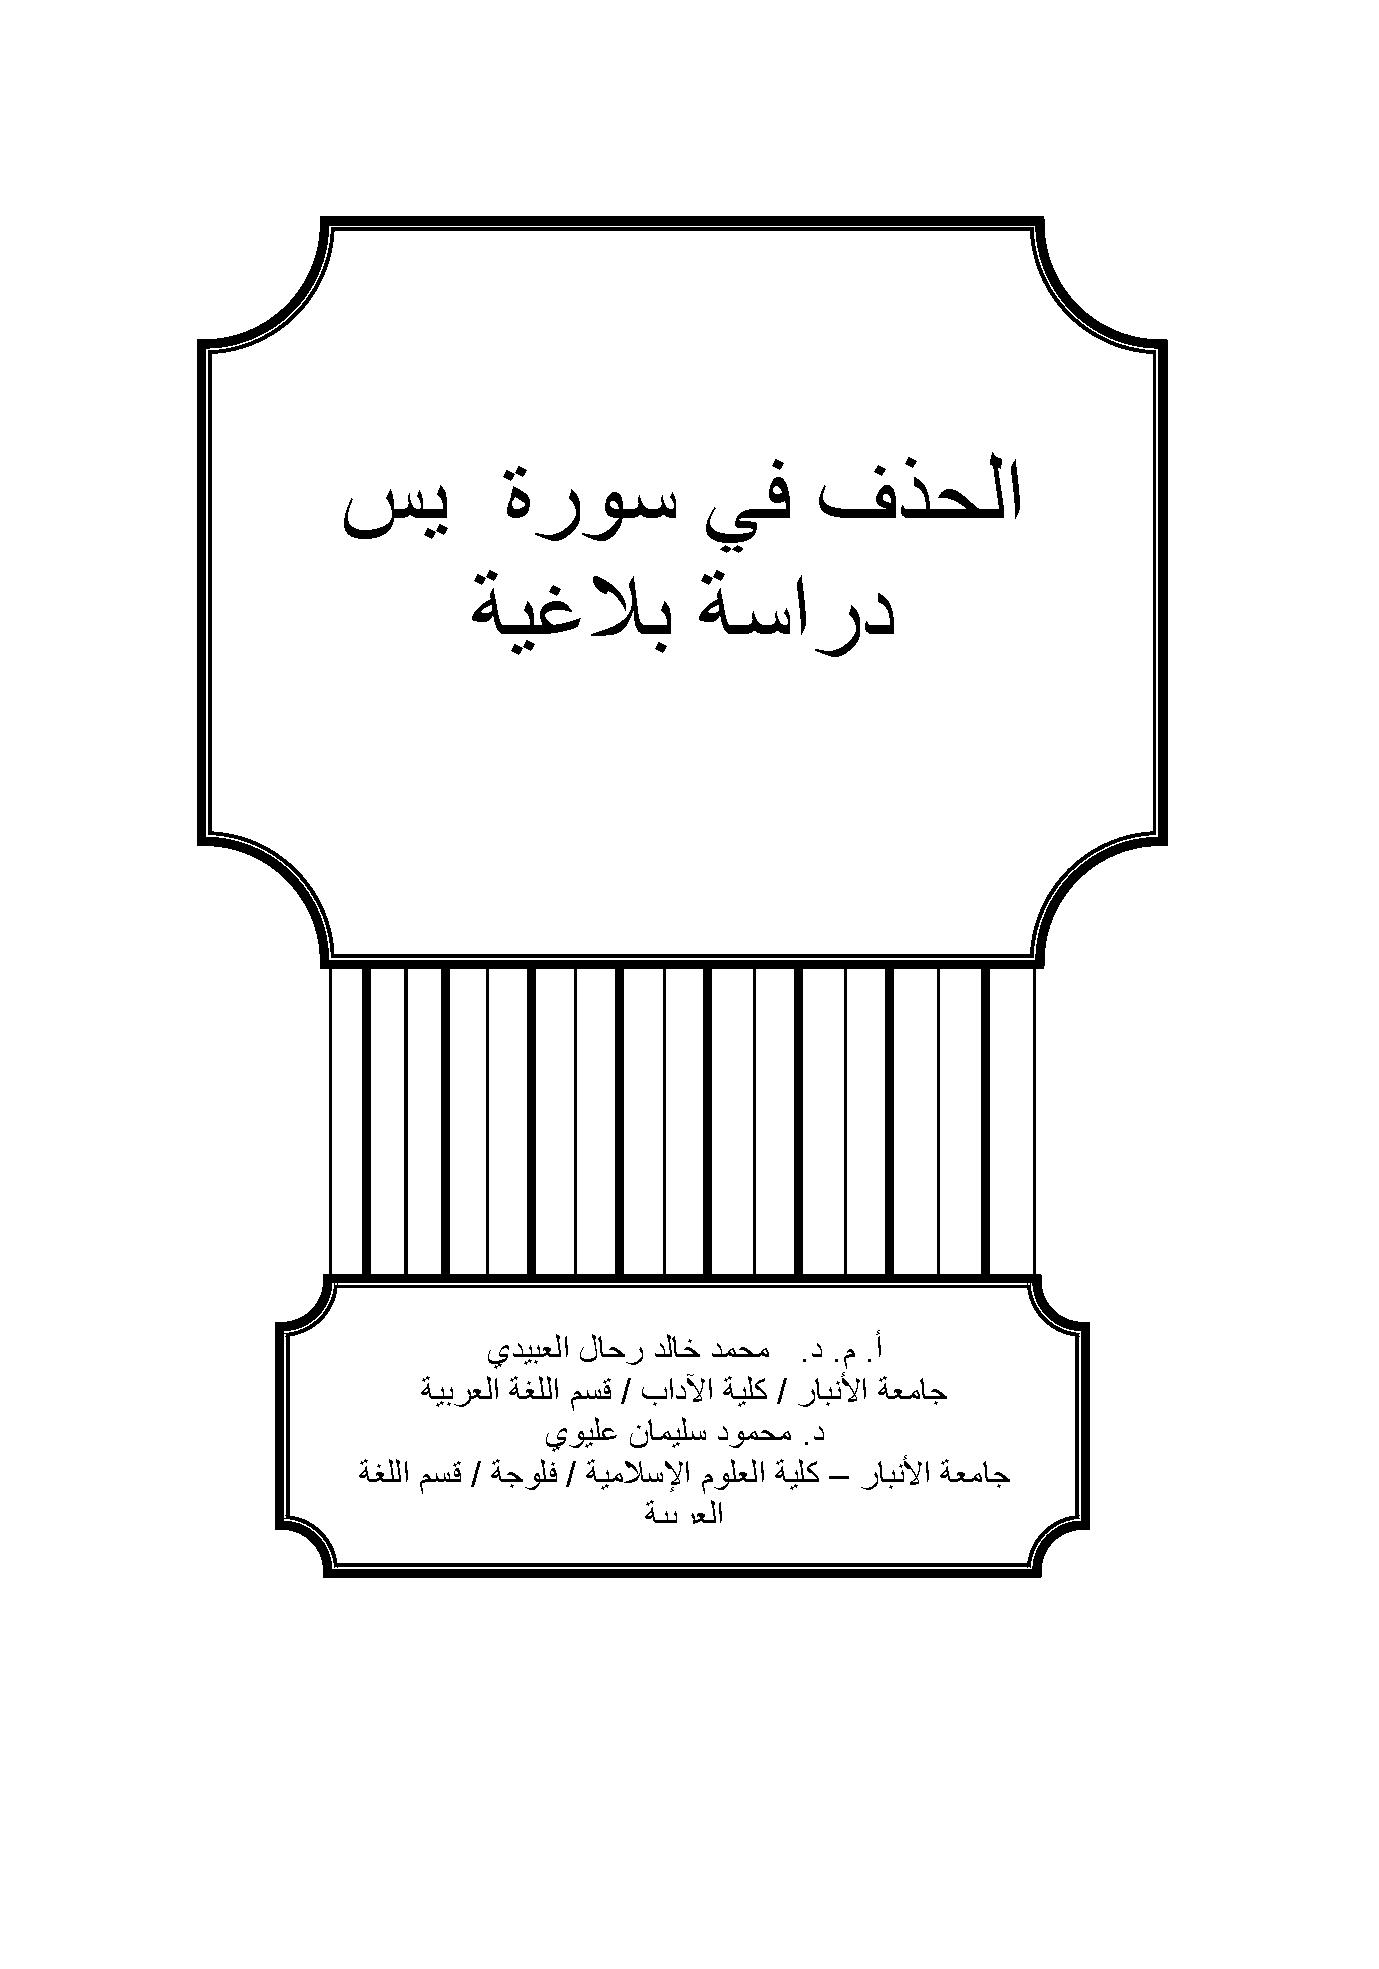 تحميل كتاب الحذف في سورة يس (دراسة بلاغية) لـِ: الدكتور محمد خالد رحال حمد العبيدي